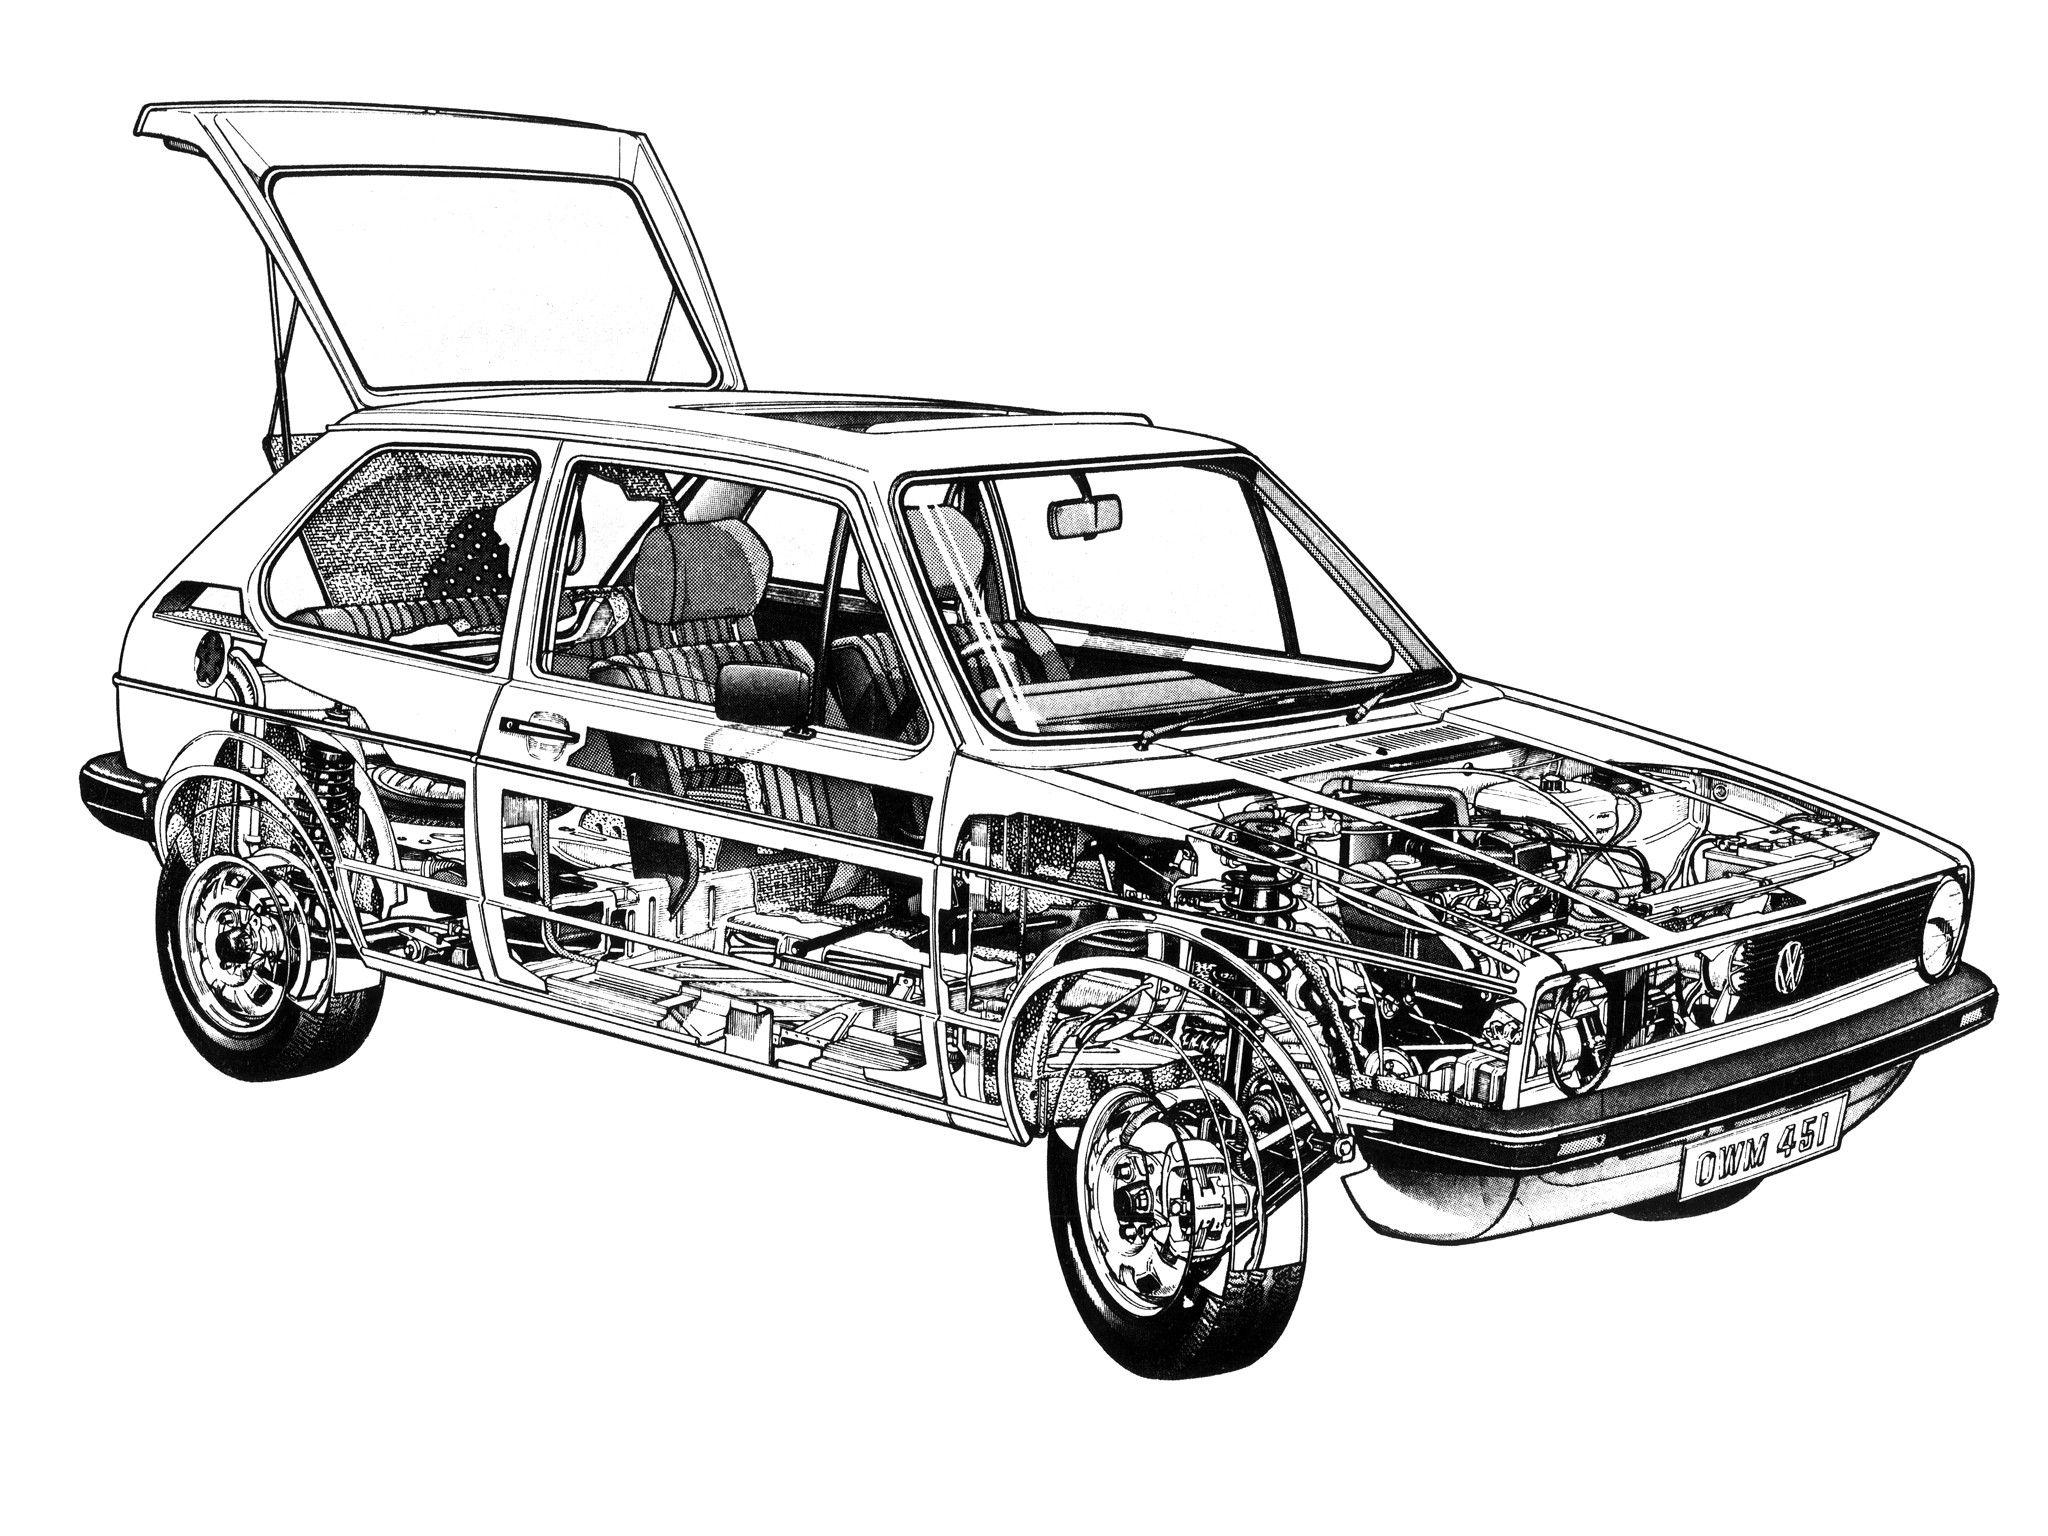 1974 1983 volkswagen golf 3 door uk specs typ 17 illustration 1974 1983 volkswagen golf 3 door uk specs typ 17 illustration by terry davey malvernweather Gallery